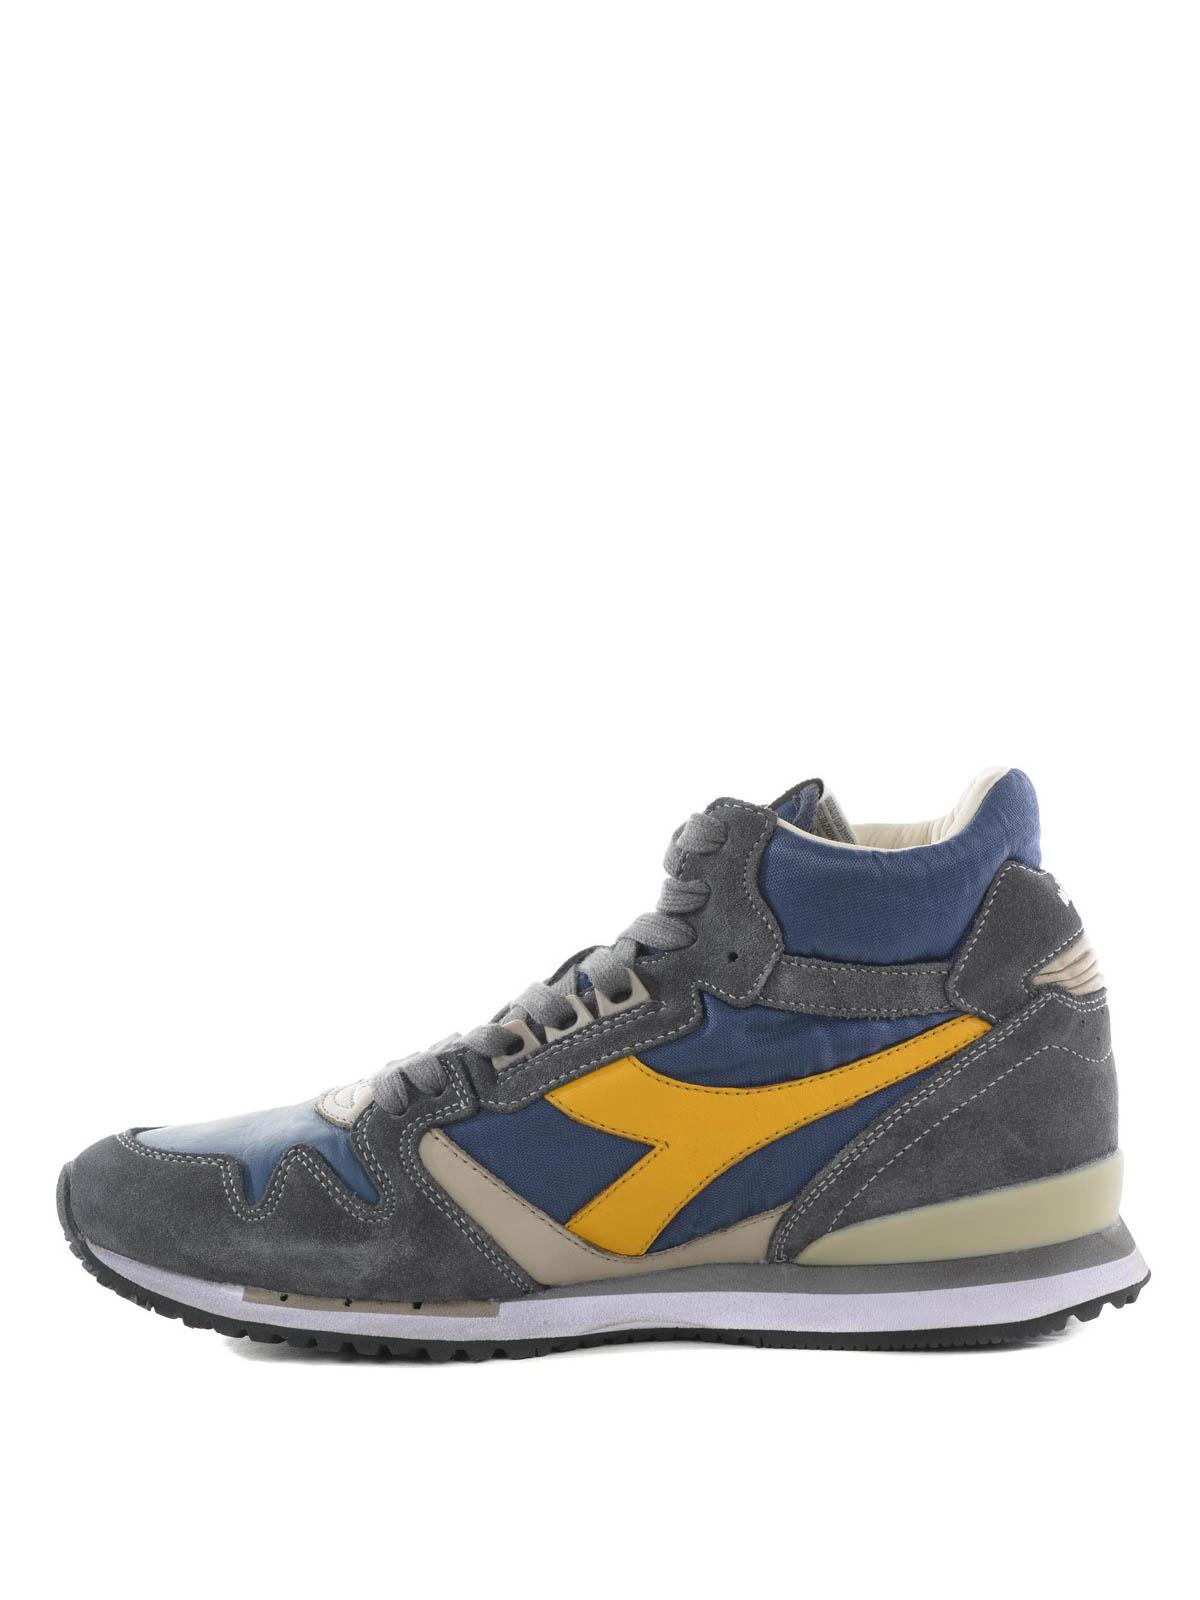 diadora sneakers - photo #40